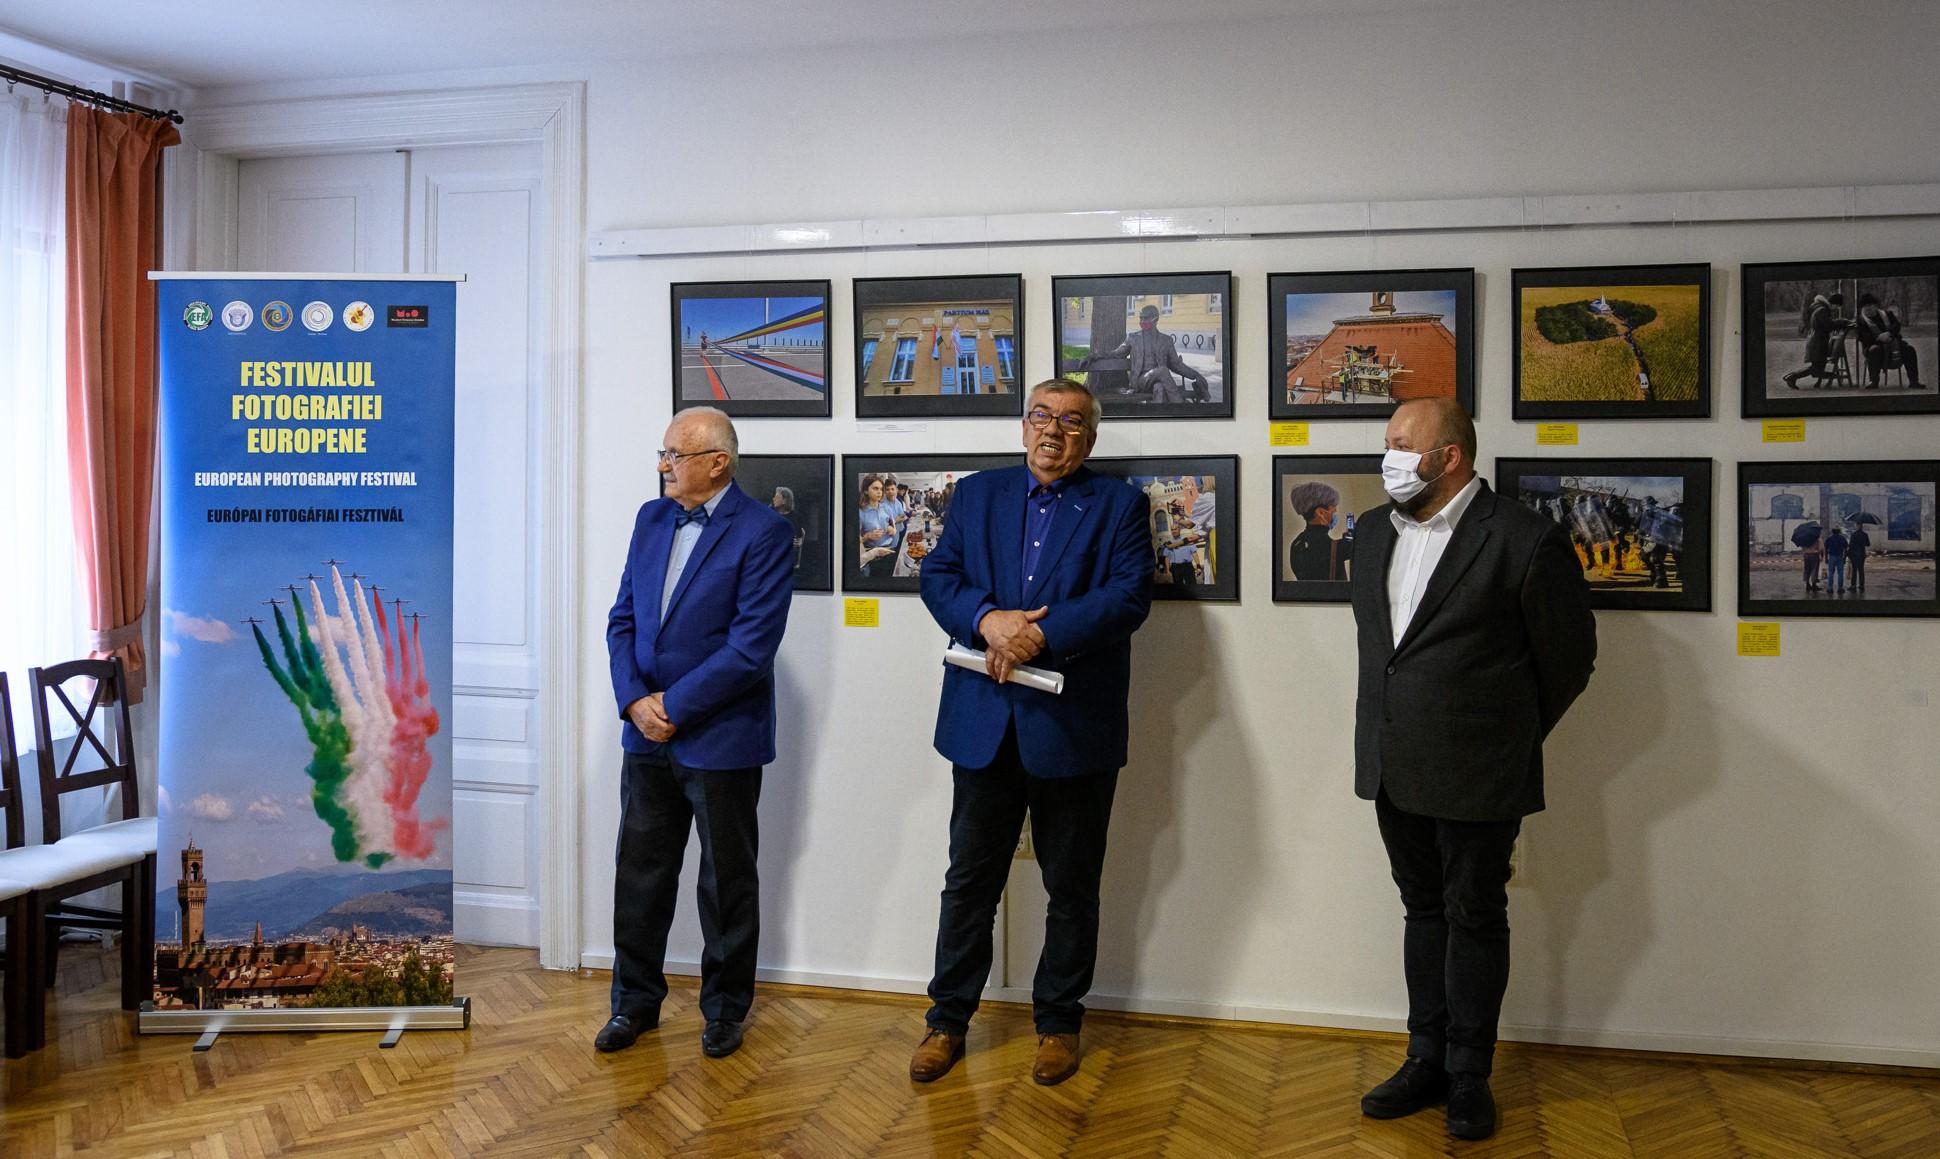 Fotó: Dehir.hu/ Kandert Szabolcs